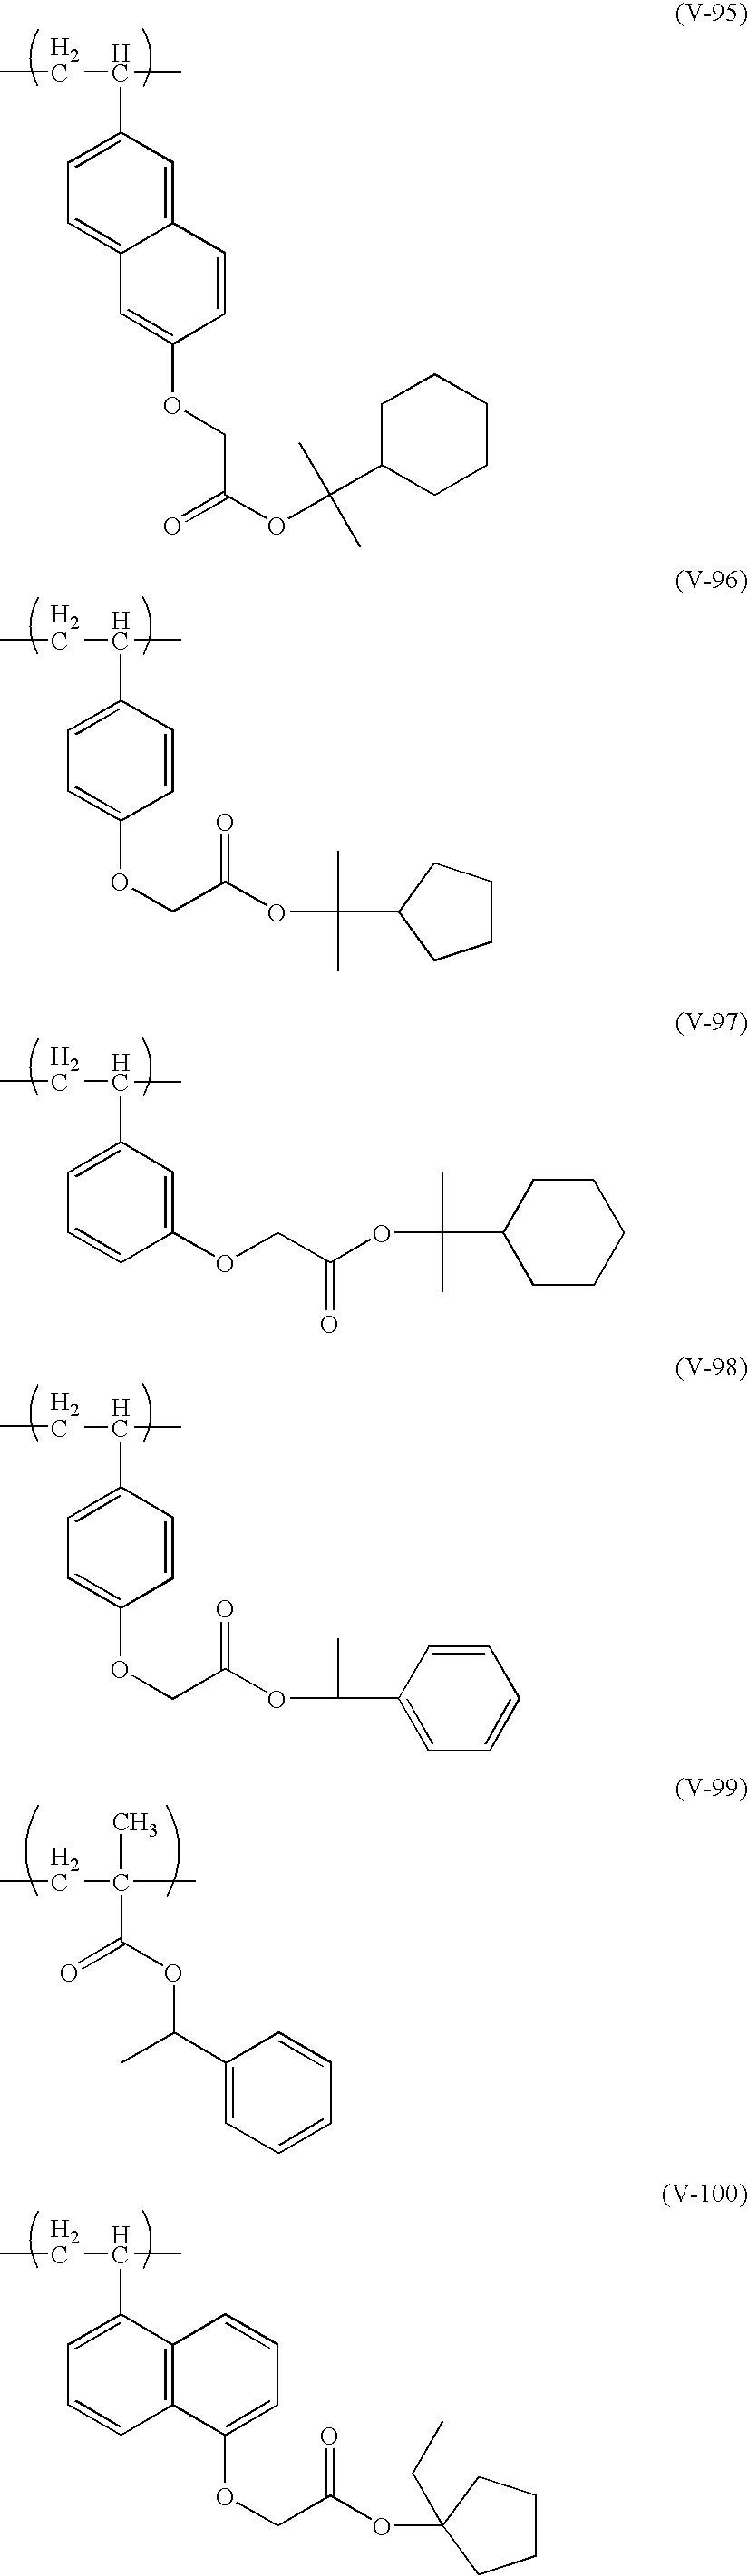 Figure US20100183975A1-20100722-C00125